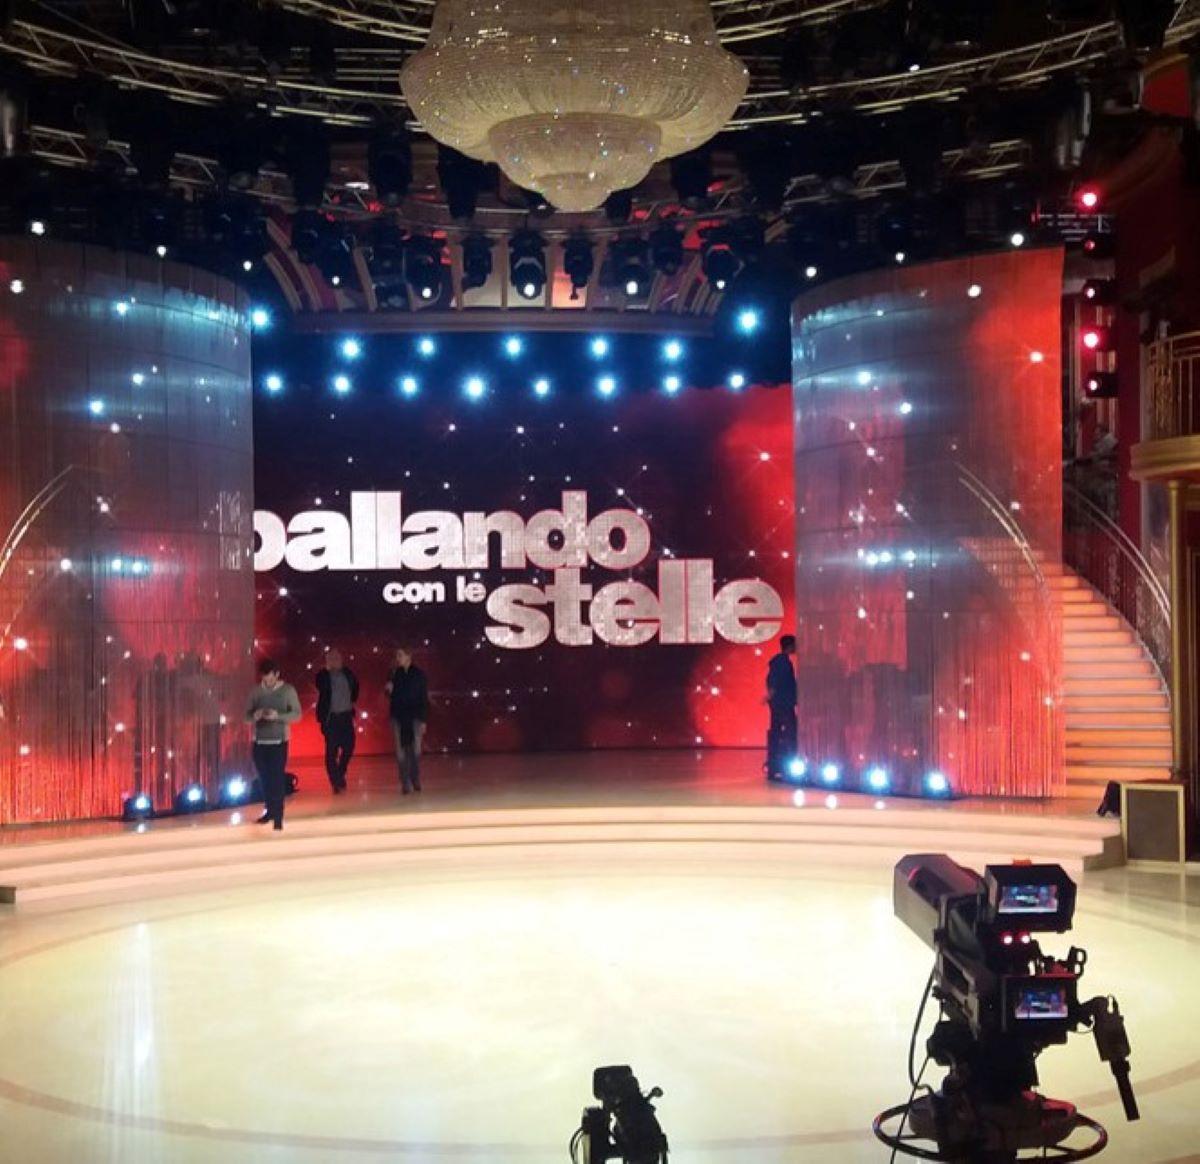 Ballando con le stelle Milly Carlucci No Paola Barale Motivi Economici